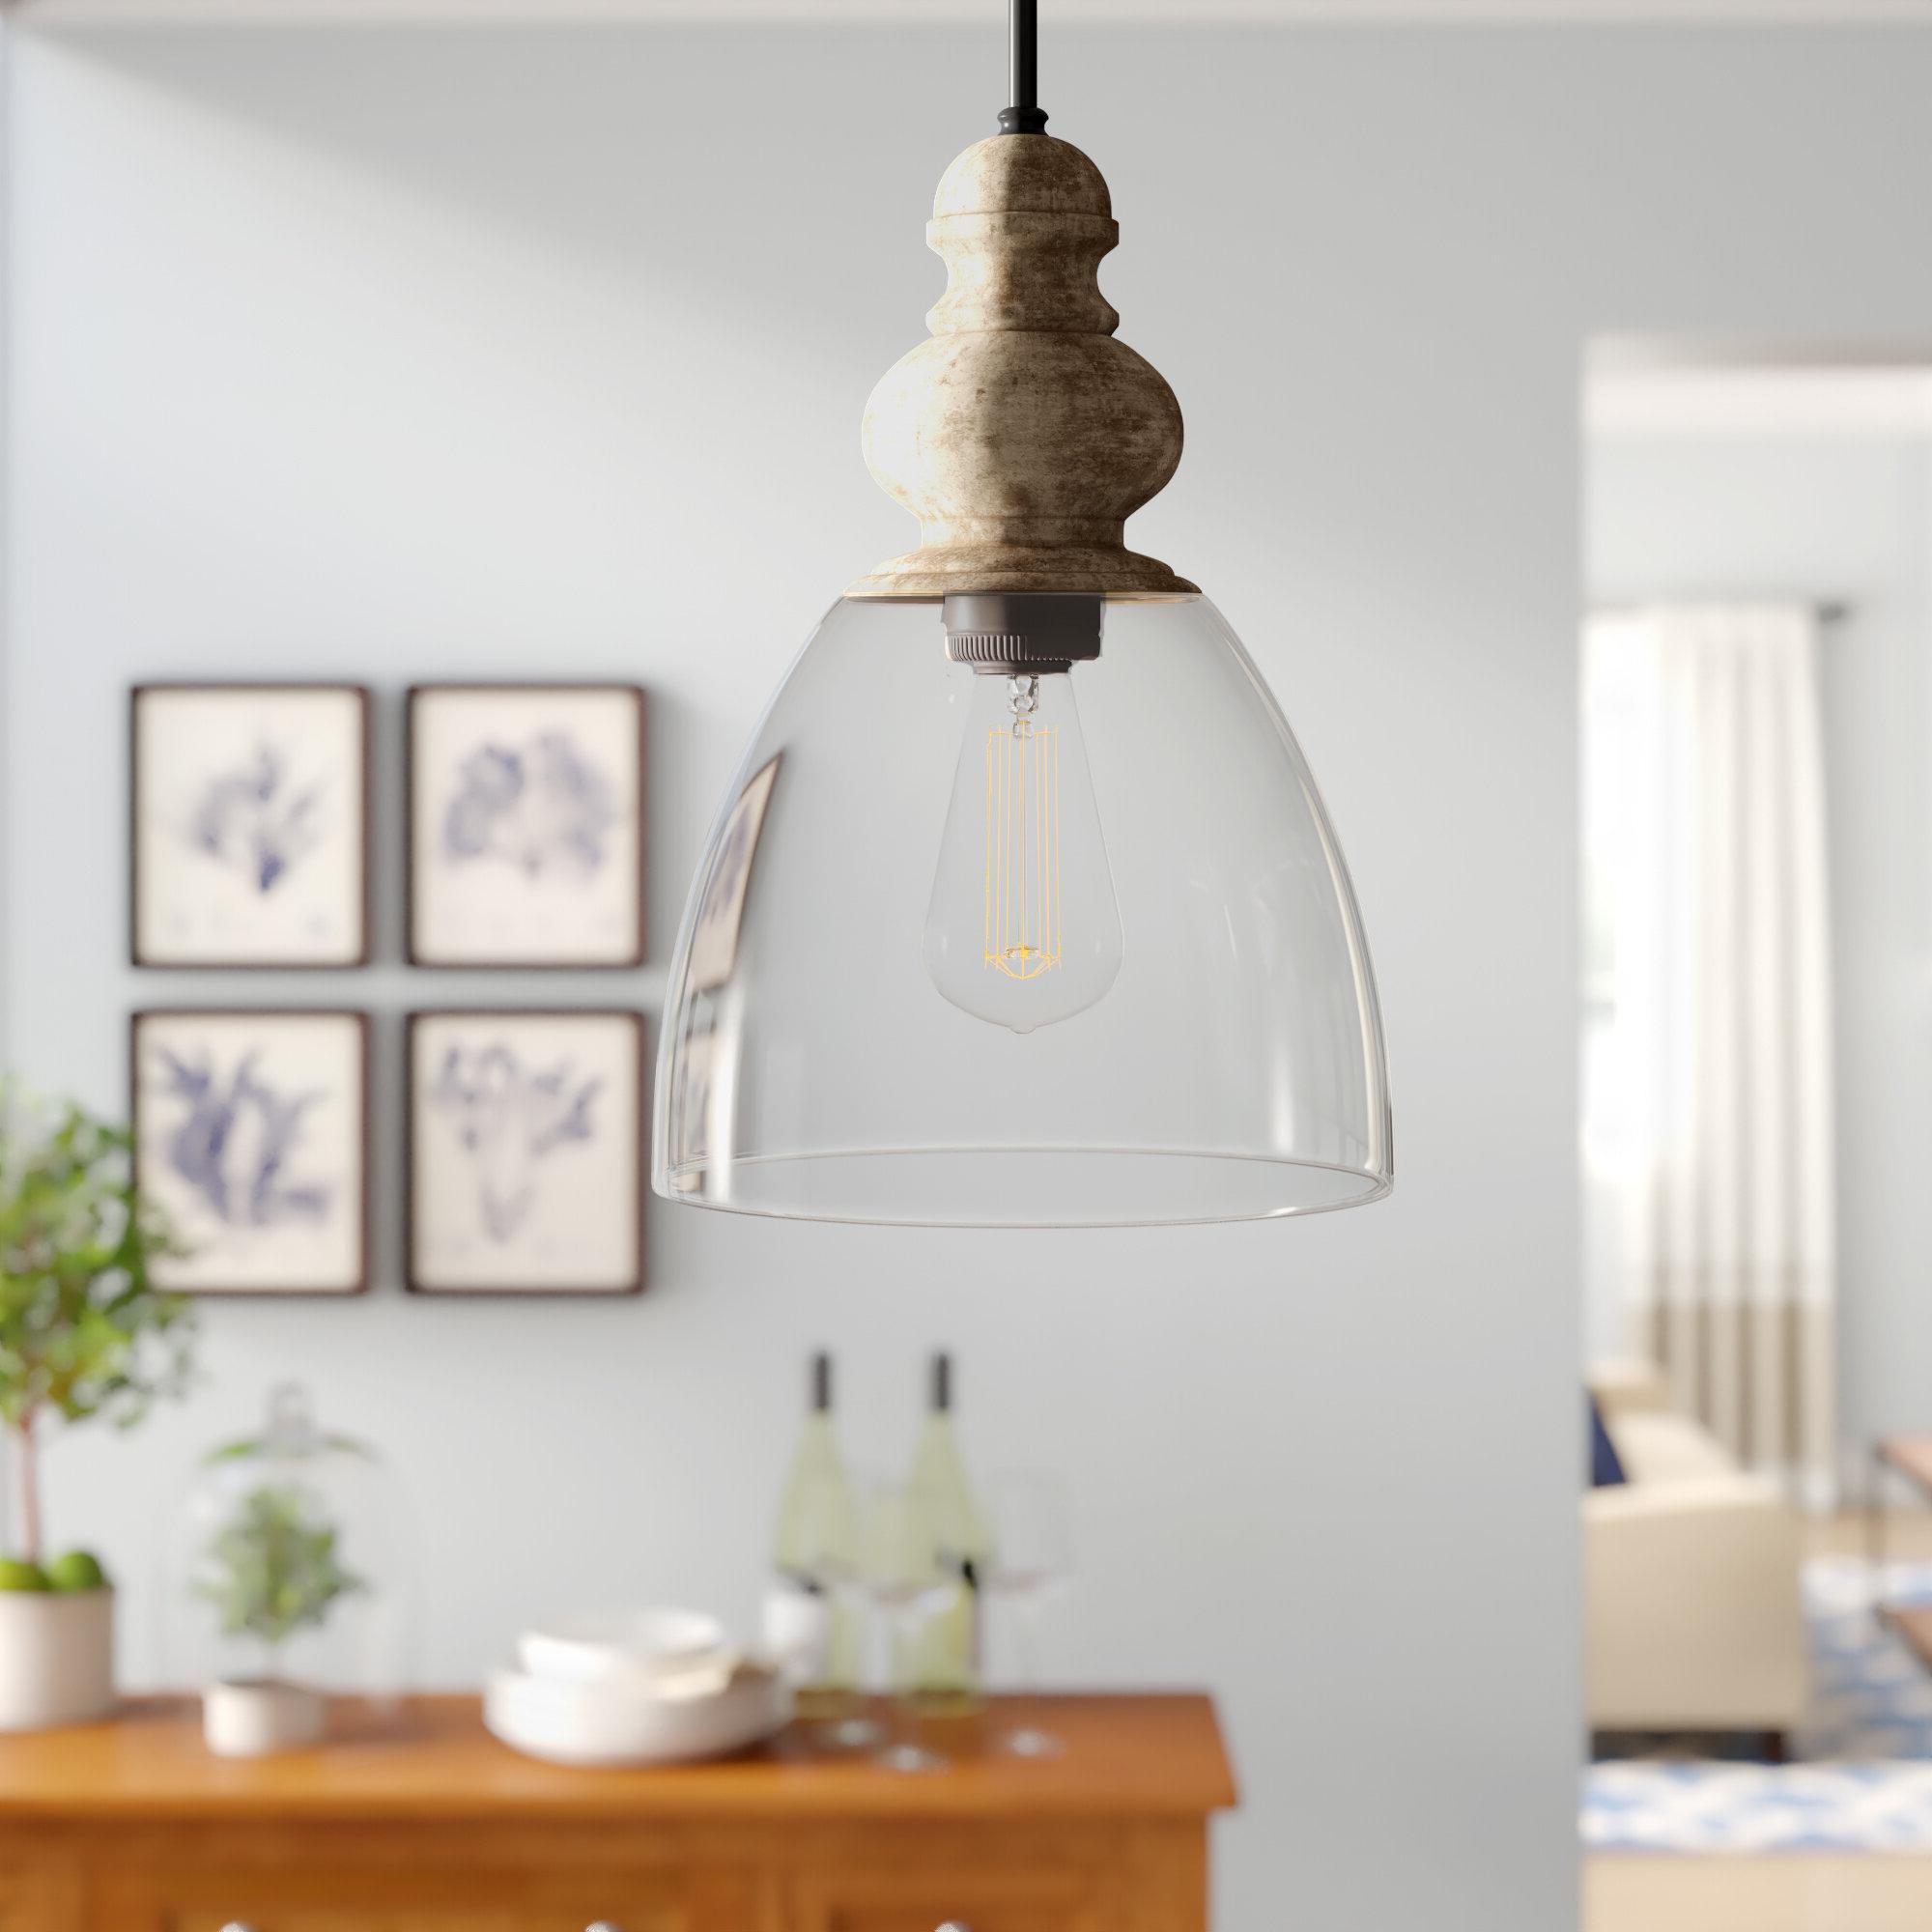 Laurel Foundry Modern Farmhouse Lemelle 1 Light Single Bell Pendant Regarding 2019 Terry 1 Light Single Bell Pendants (View 6 of 20)